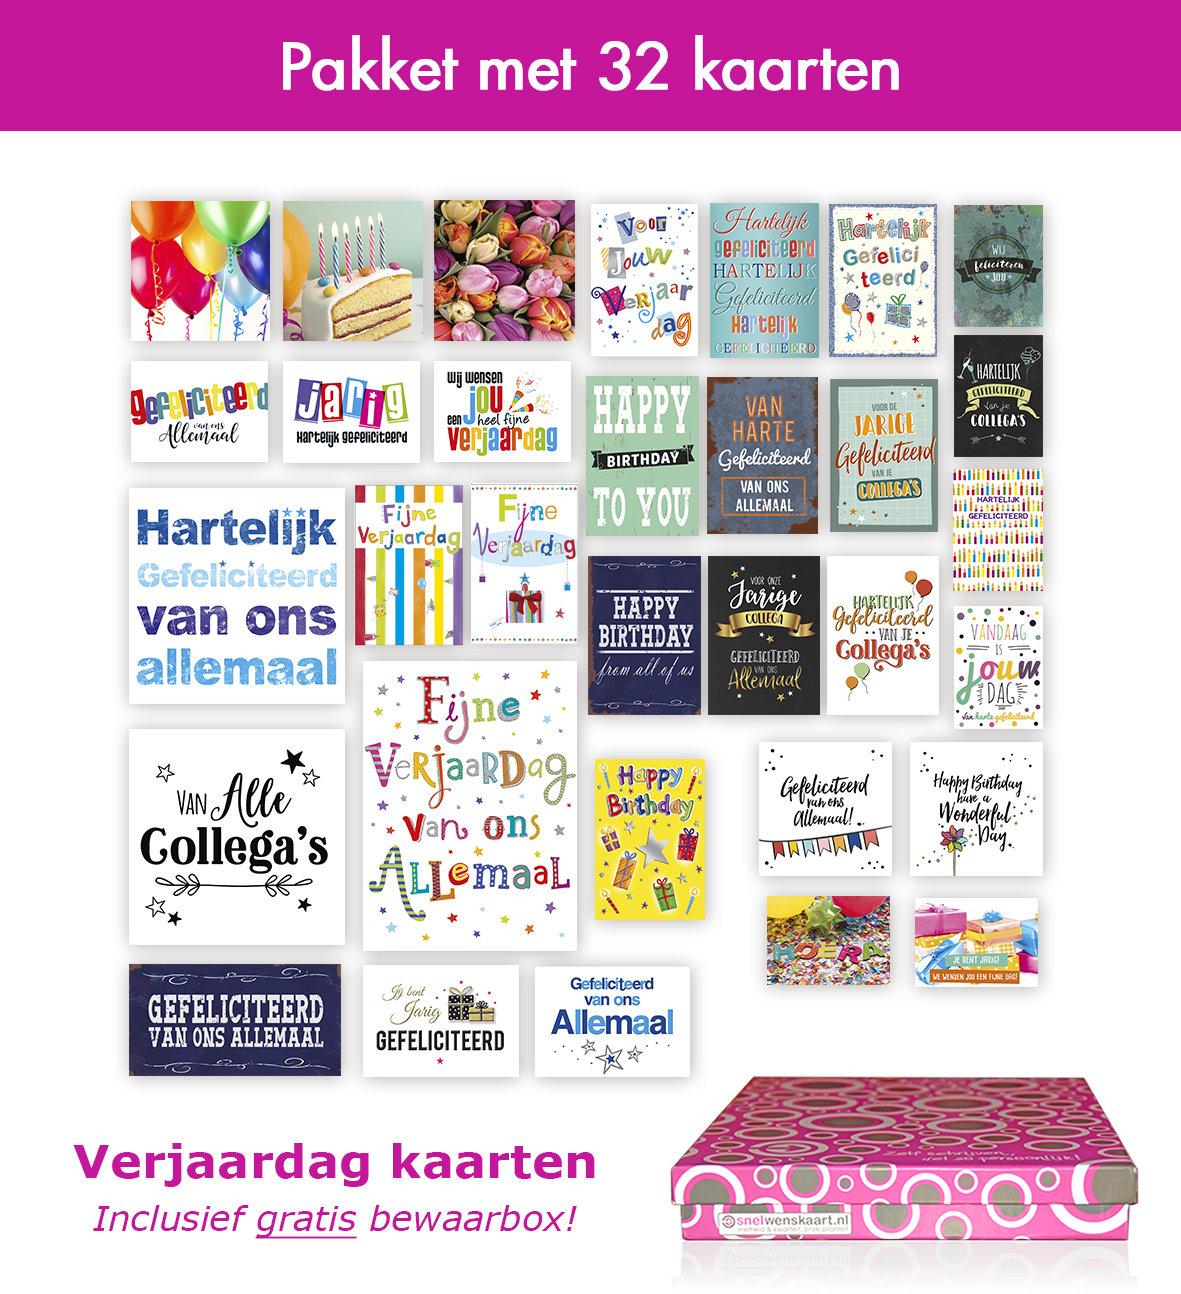 Verjaardagskaartenpakket bij Snelwenskaart.nl